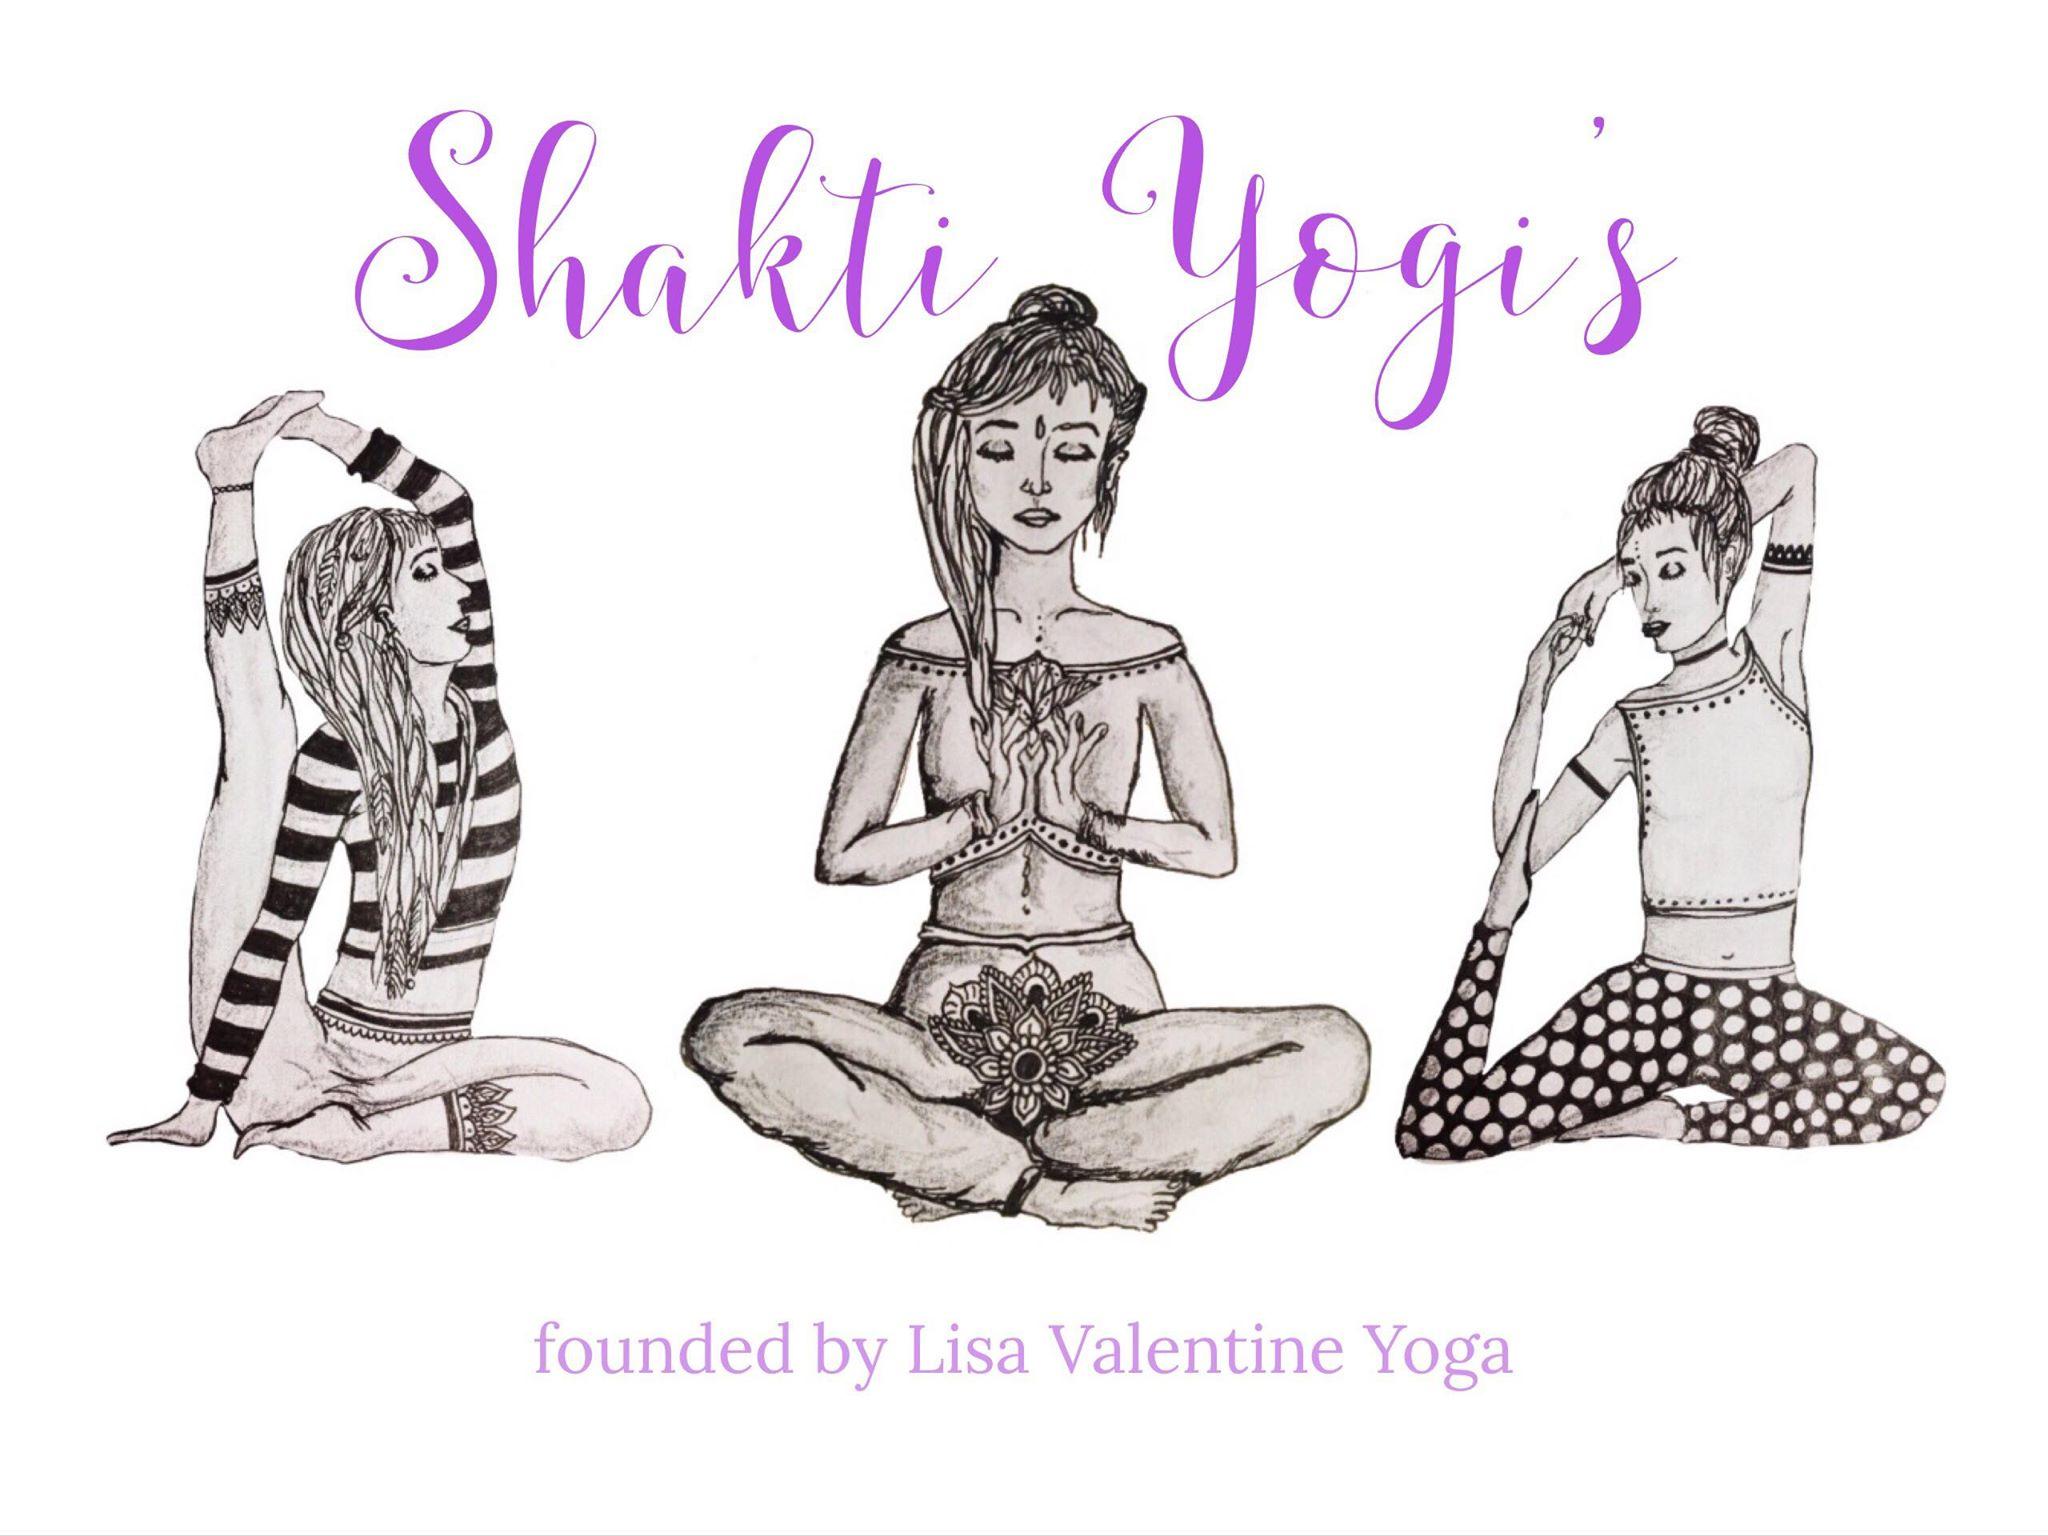 shakti yogis 2.jpg